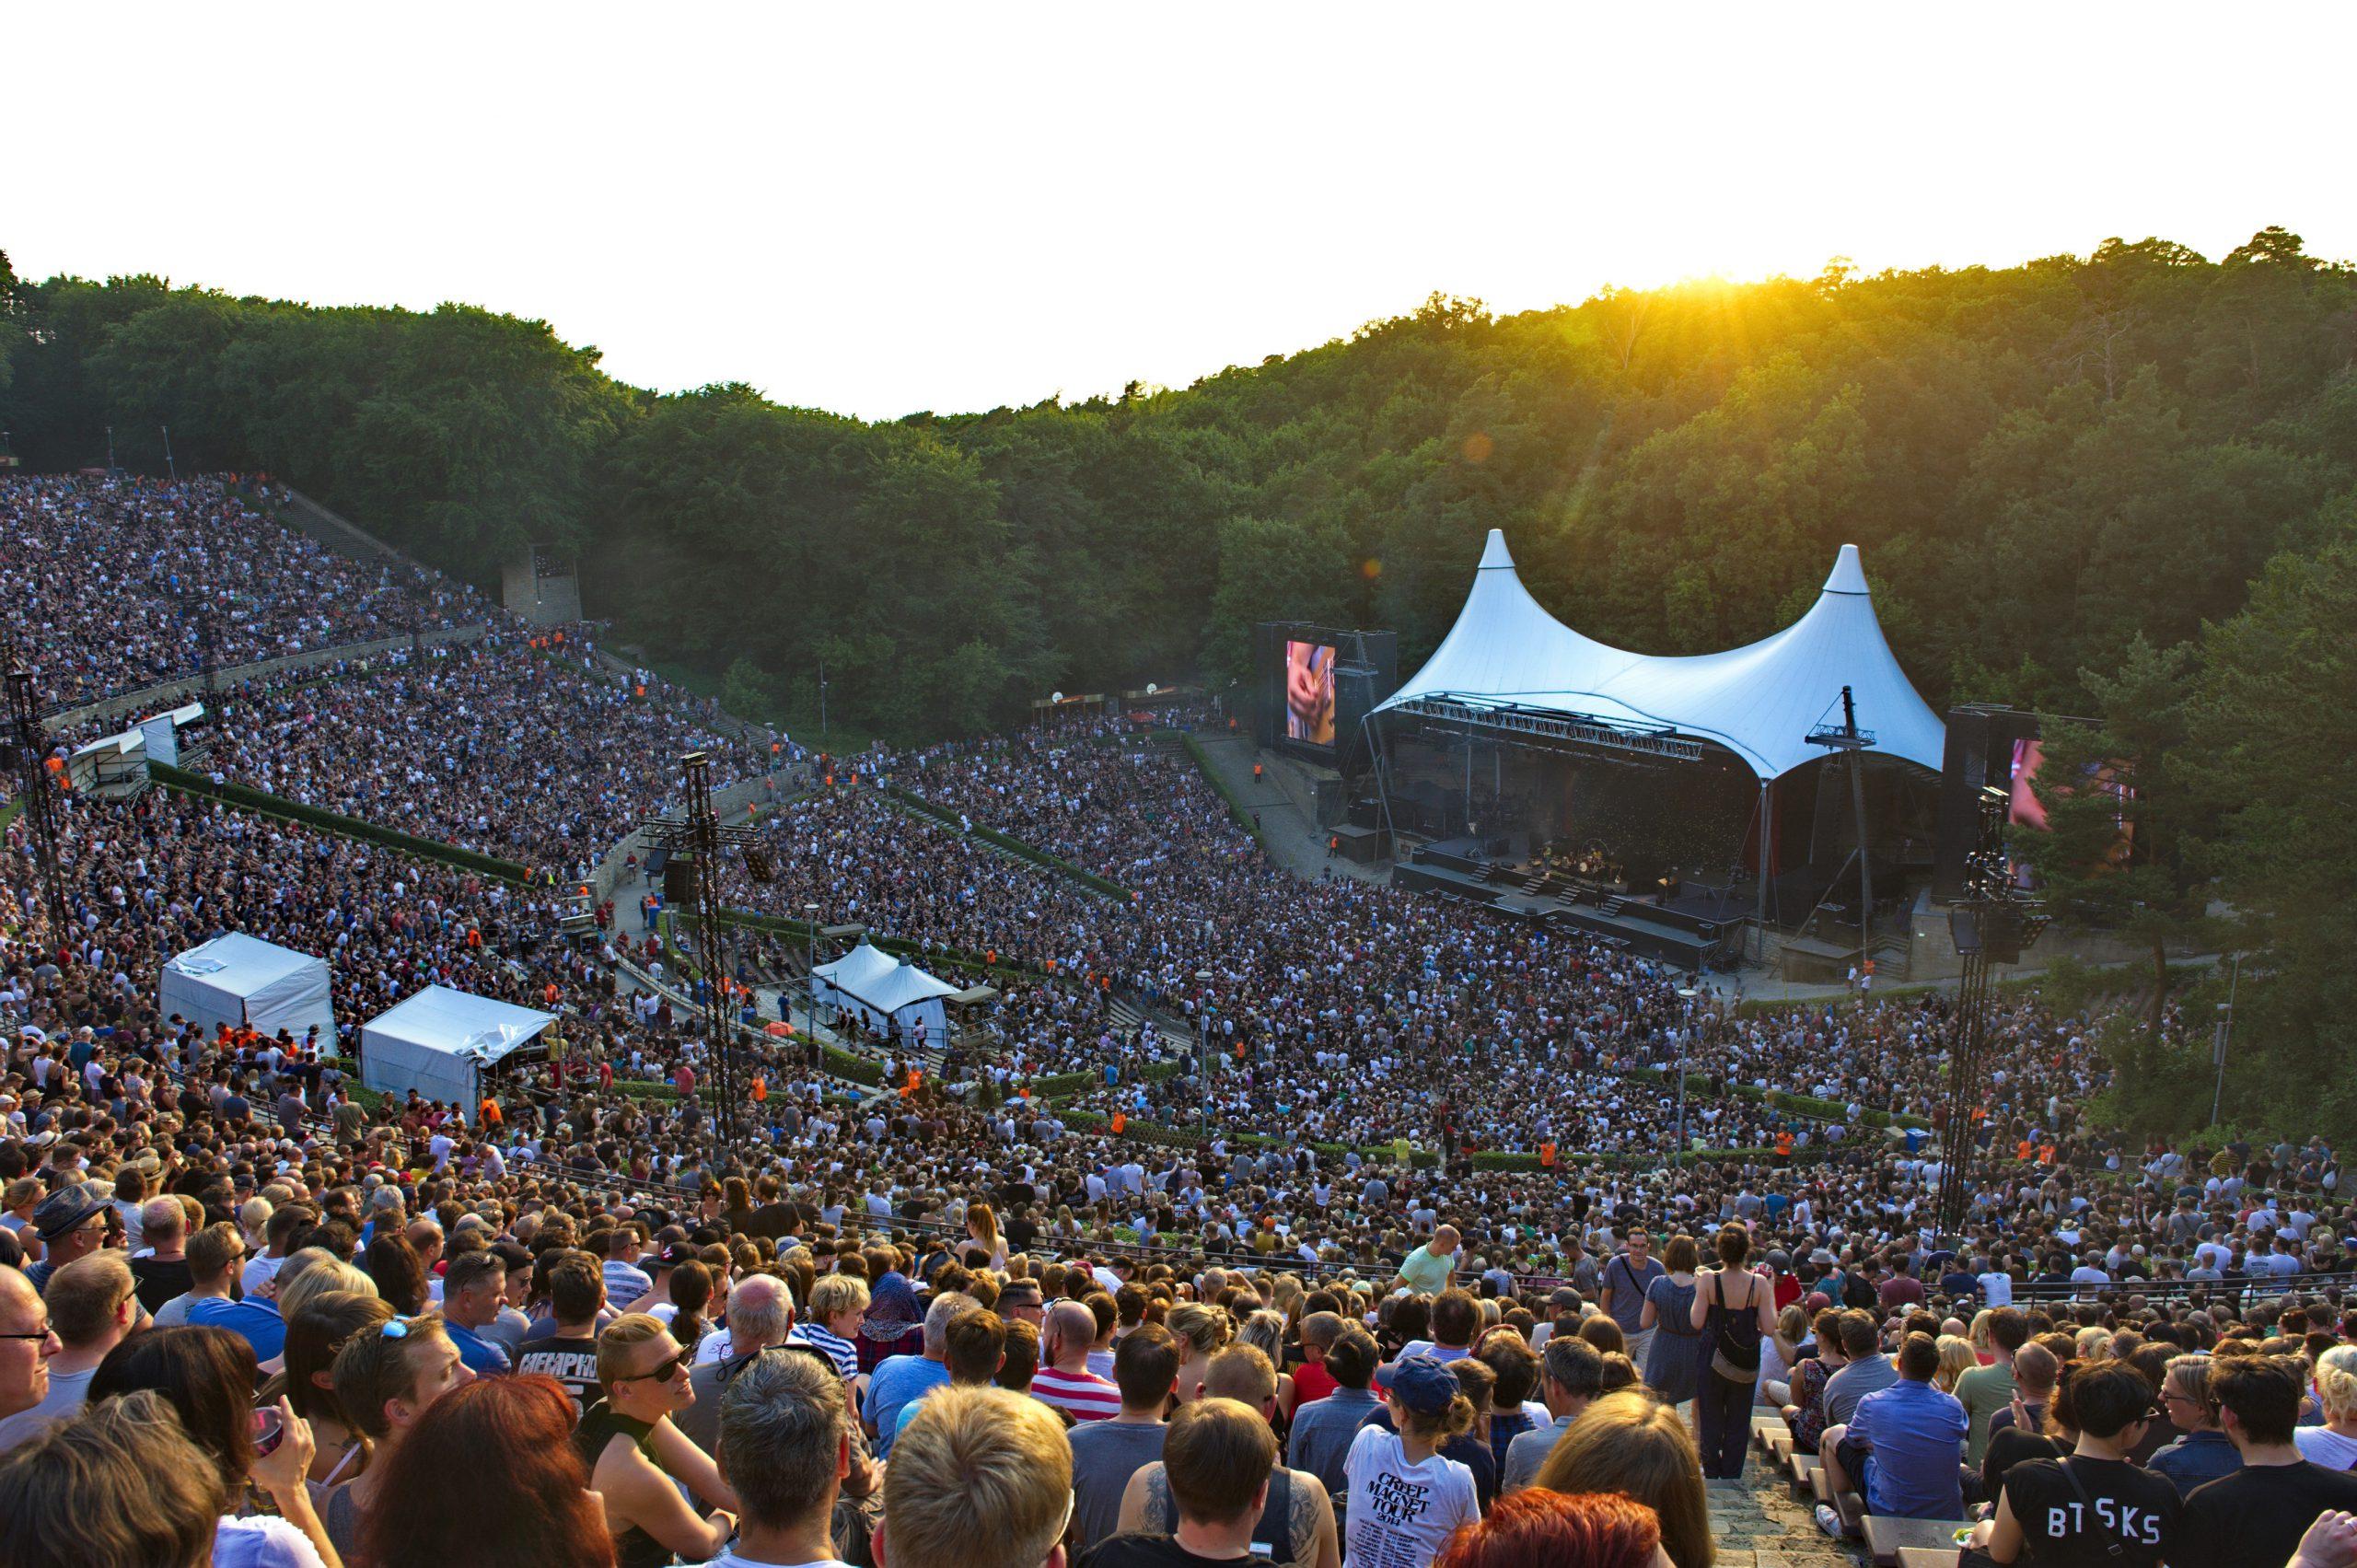 Waldbuehne, Berlin, 09.06.2018, Für viele die schönsten Konzertbühnen